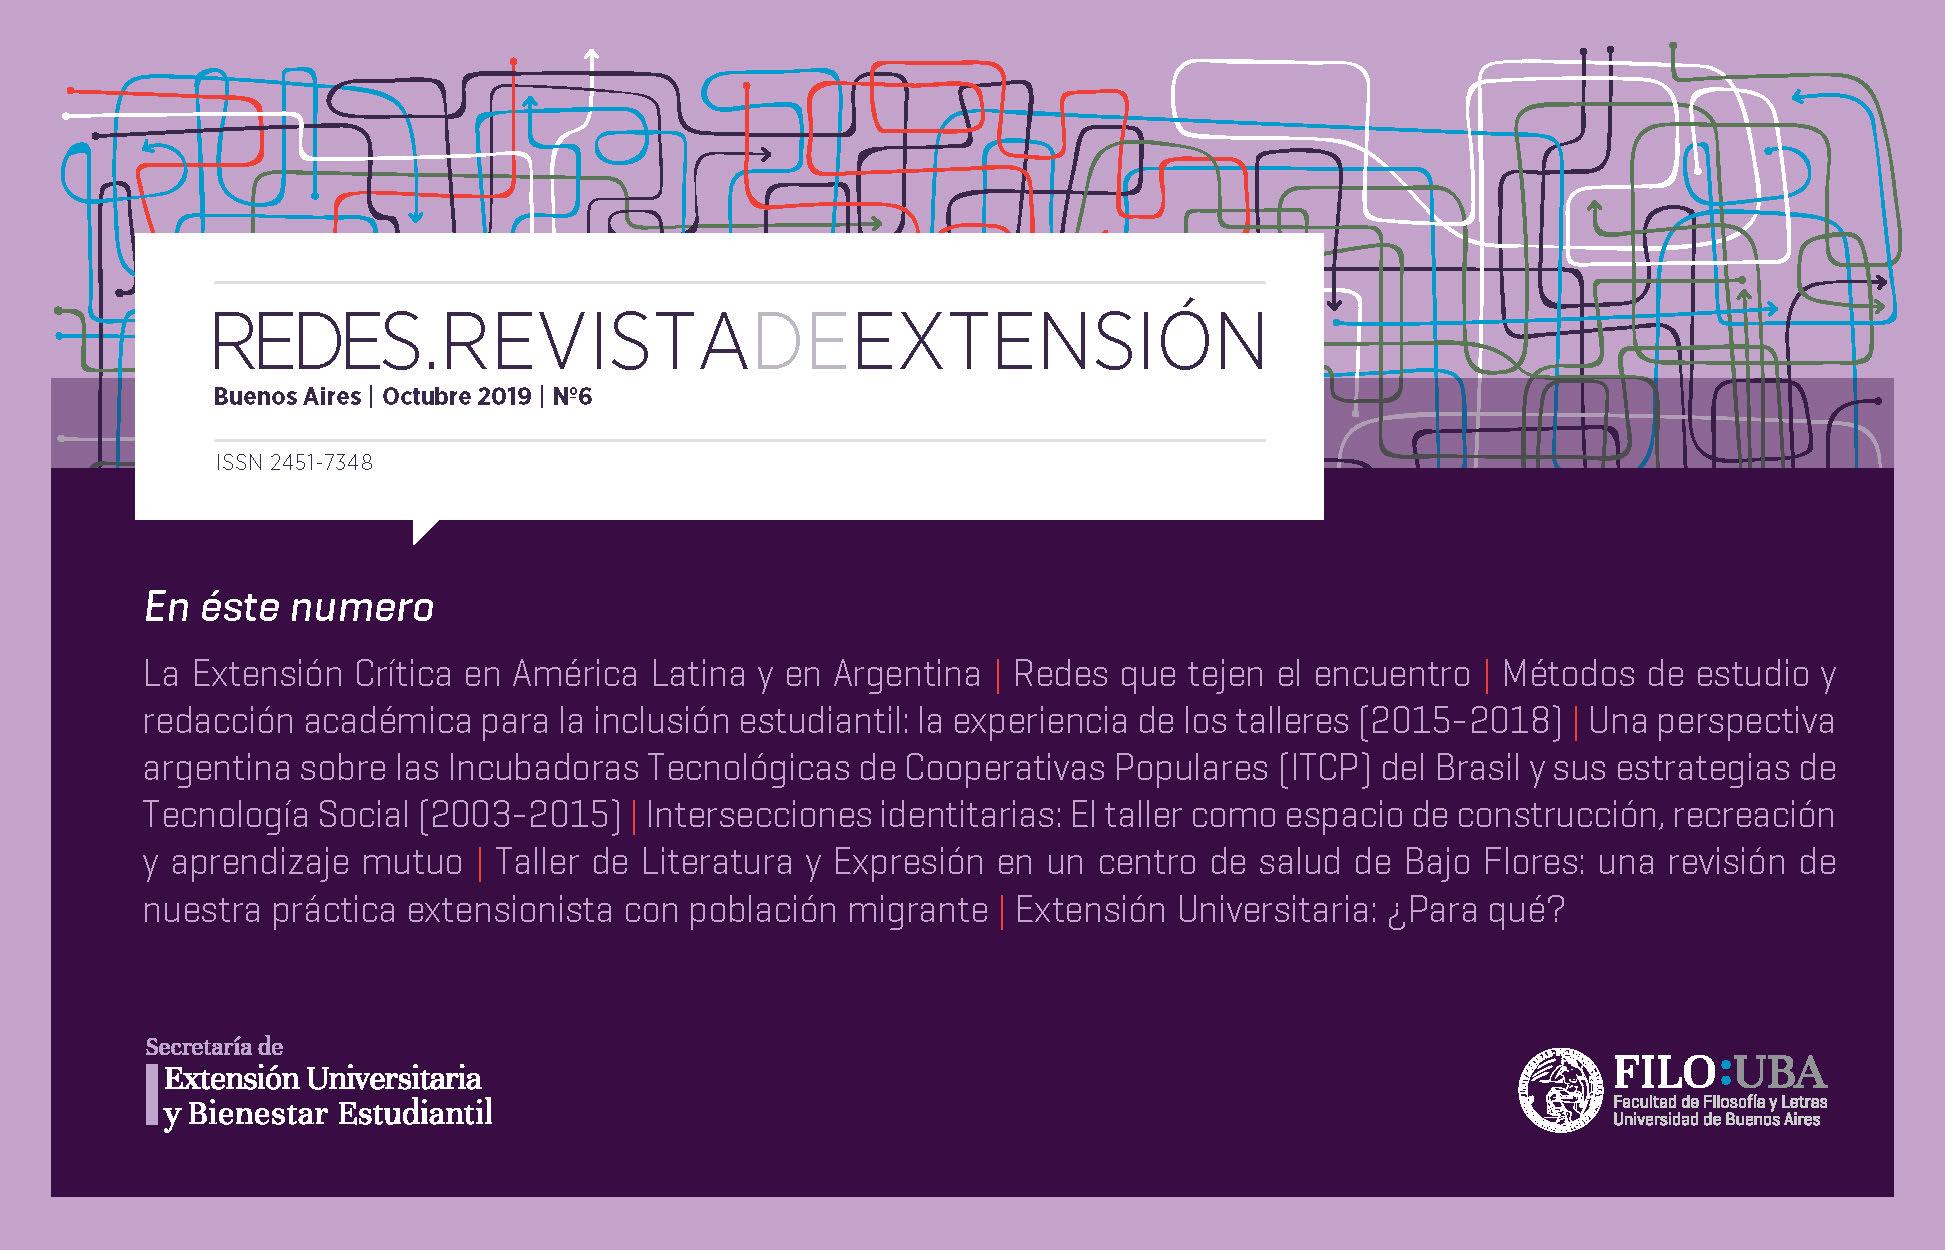 La imagen muestra la Portada de la Edición Número 6 de la Revista Redes de Extensión.